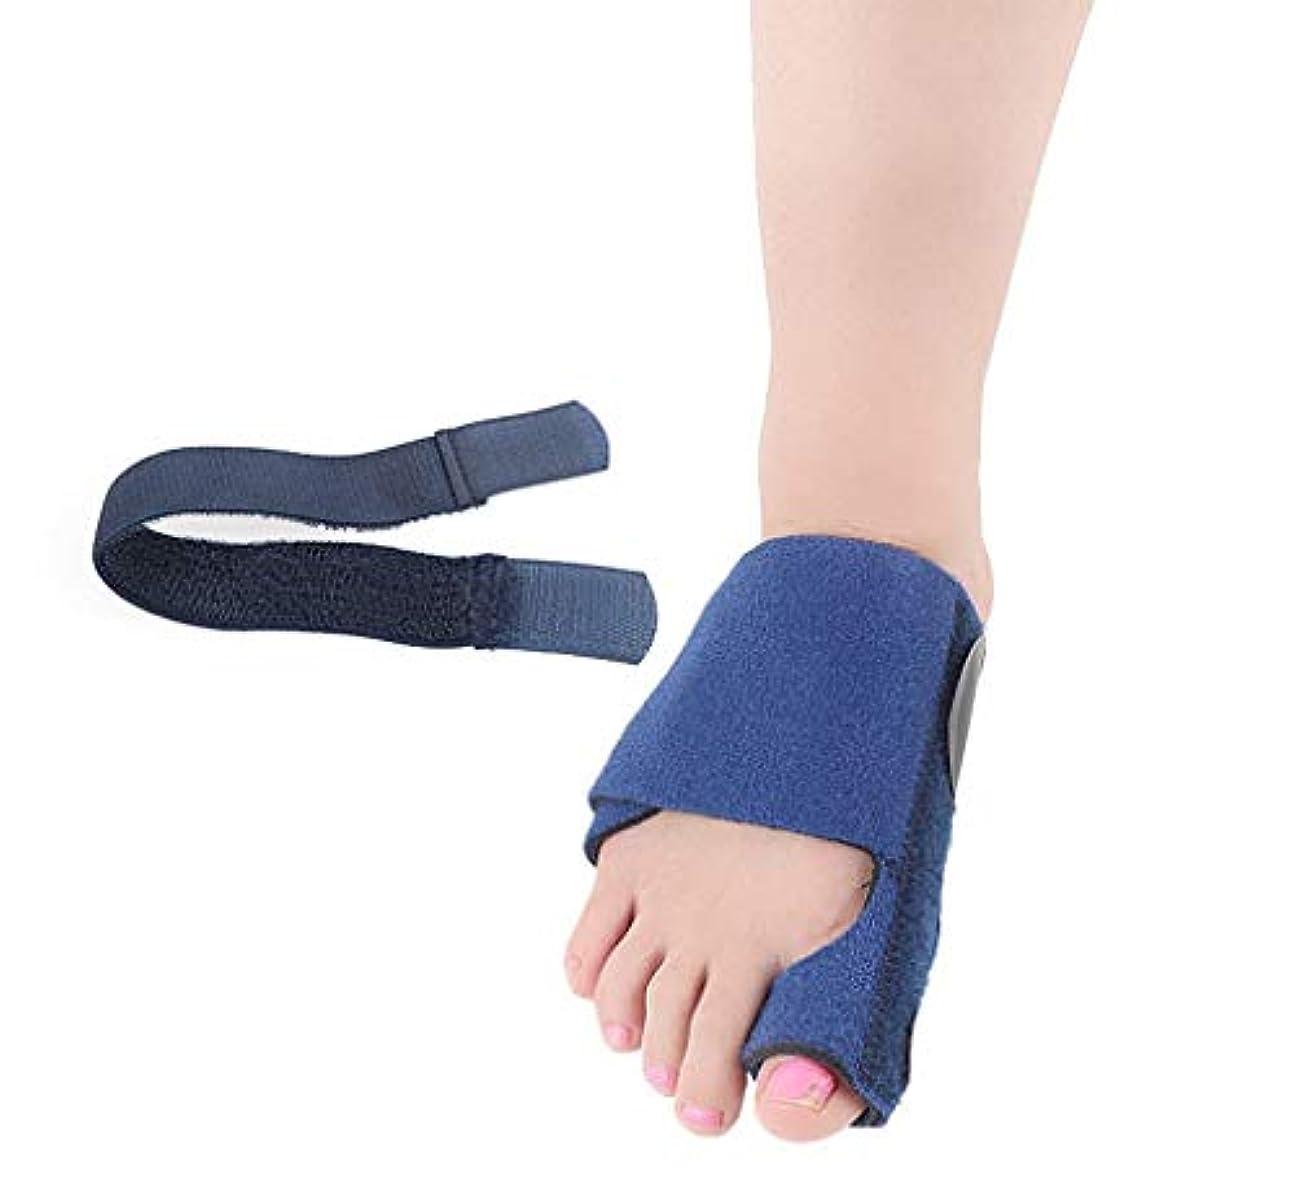 赤面インレイ膨らませるバニオンコレクター  - 整形外科用足首矯正ビッグトゥストレートナー - 外反母趾パッド用副木ブレース、関節痛の緩和、アライメント治療 - 整形外科用スリーブフットラップ